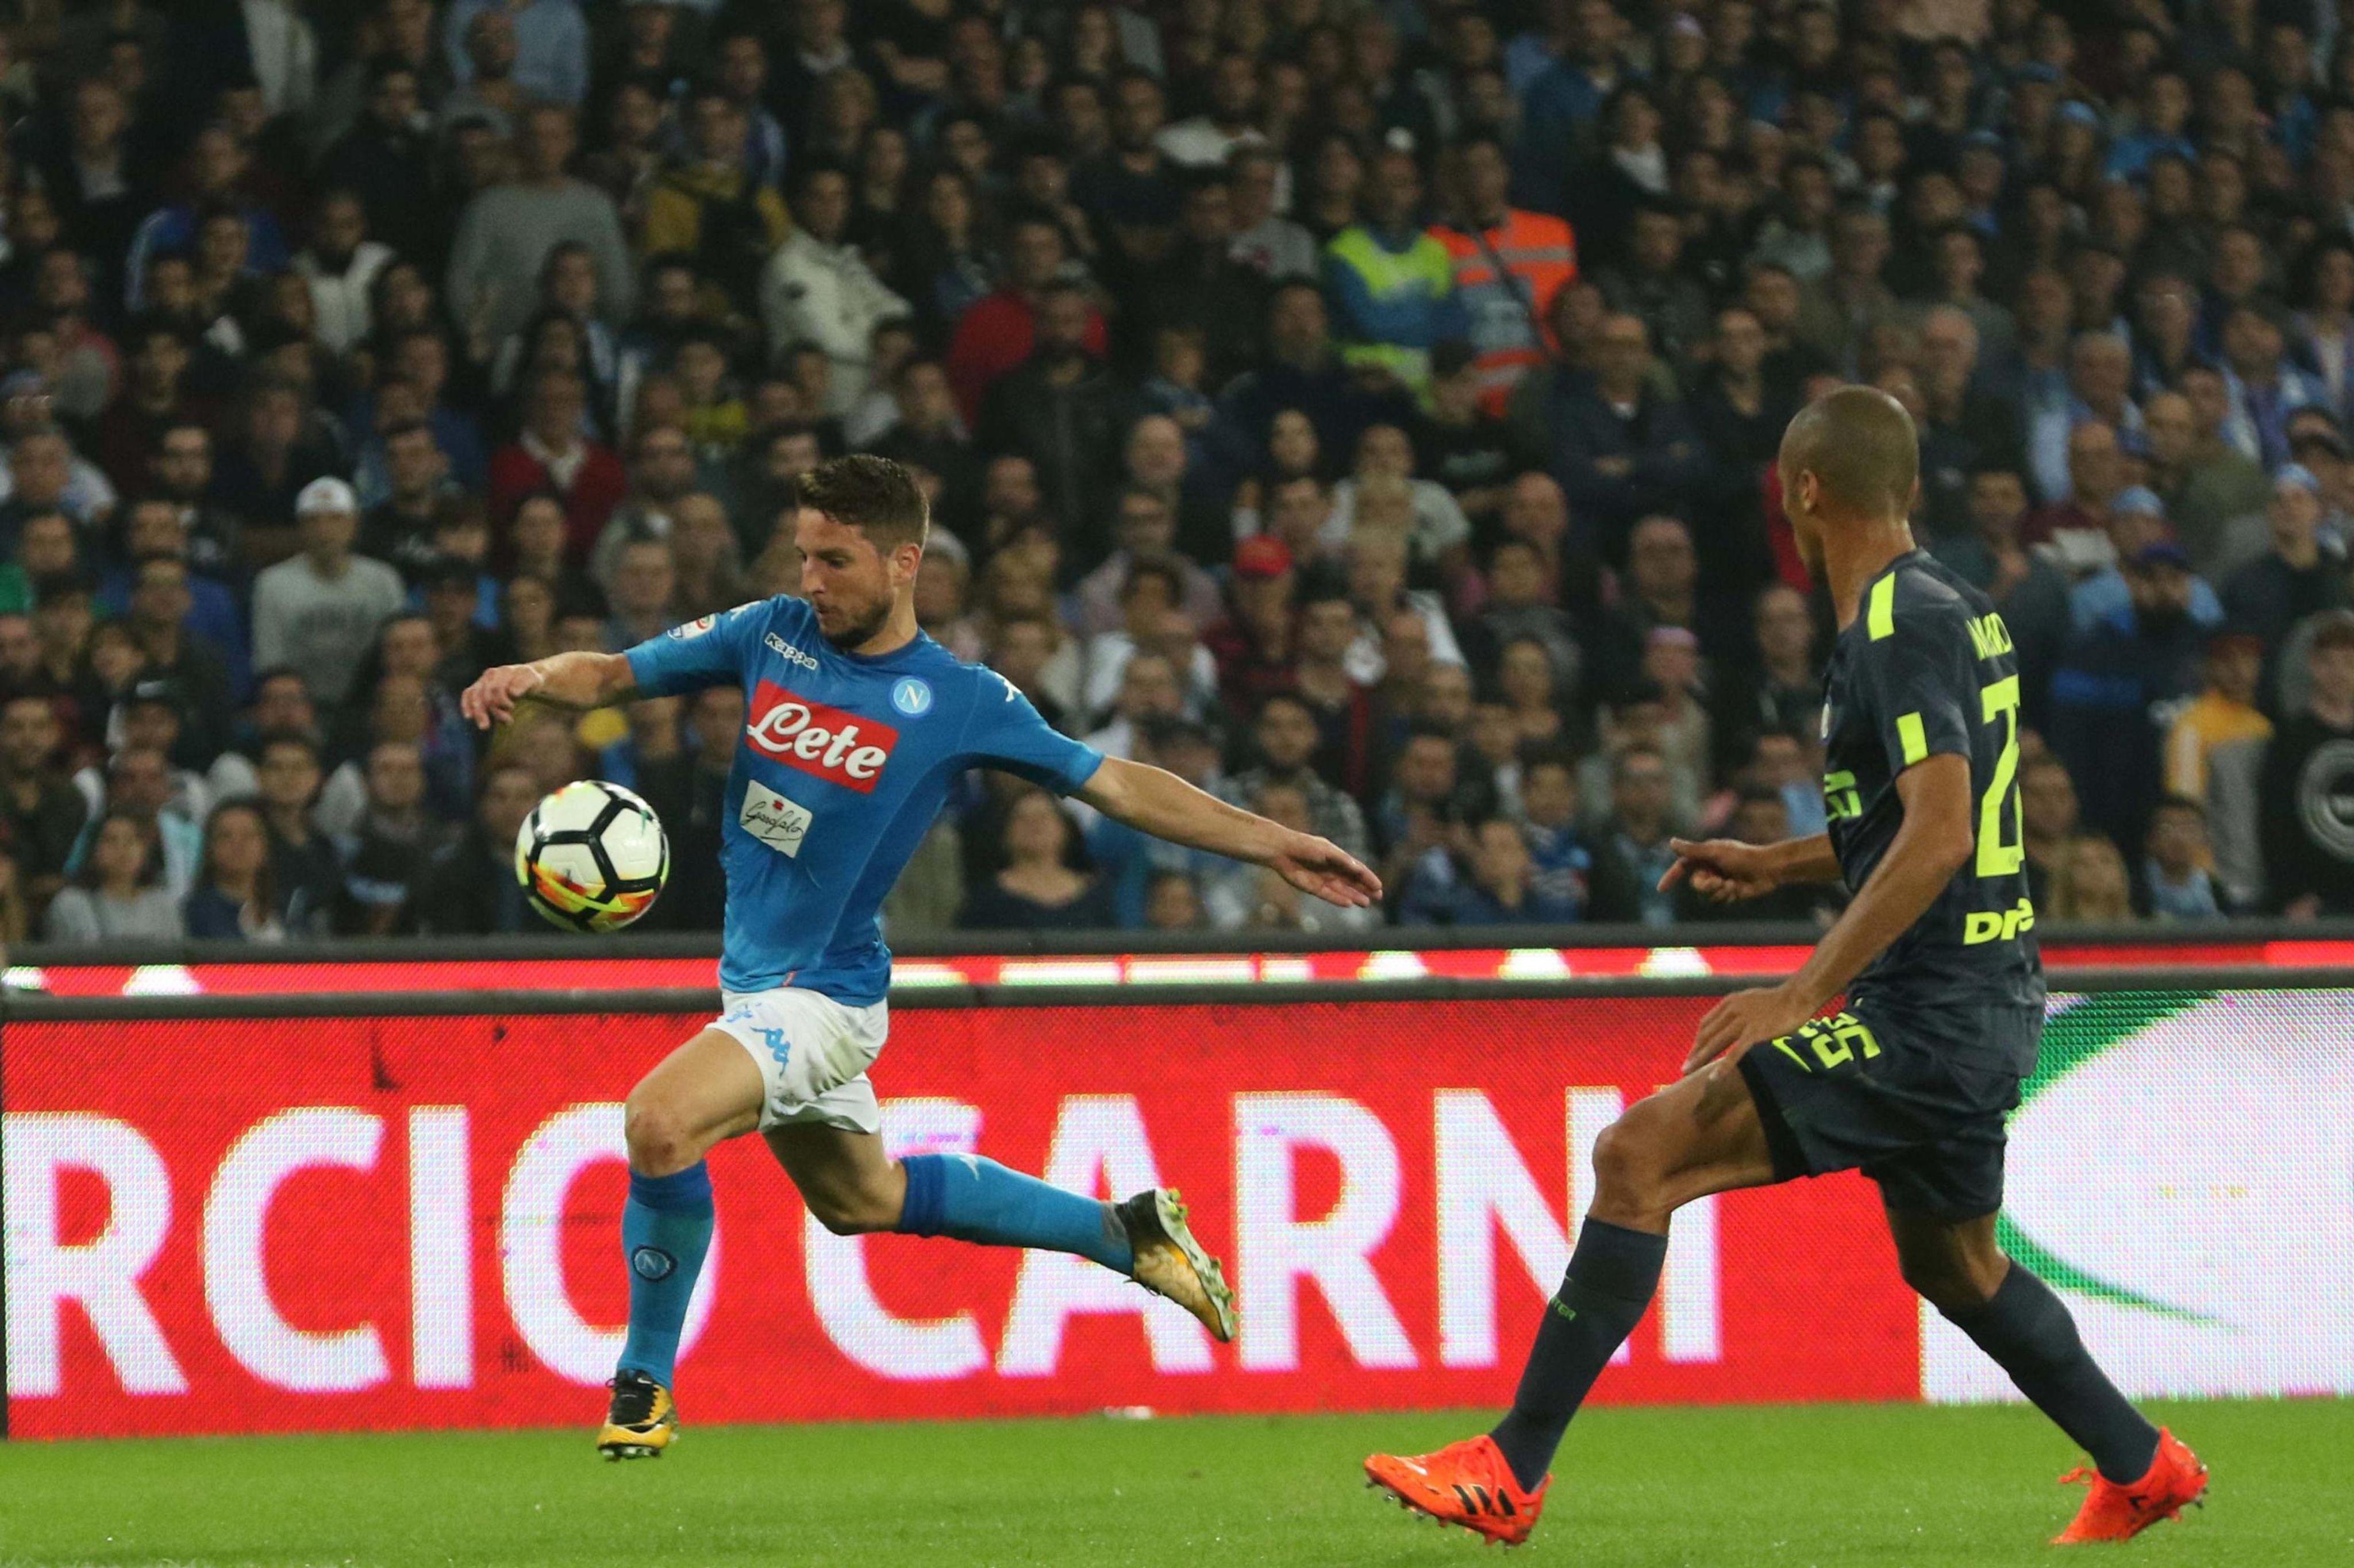 Italy_soccer_serie_a_55627_s4096x2729